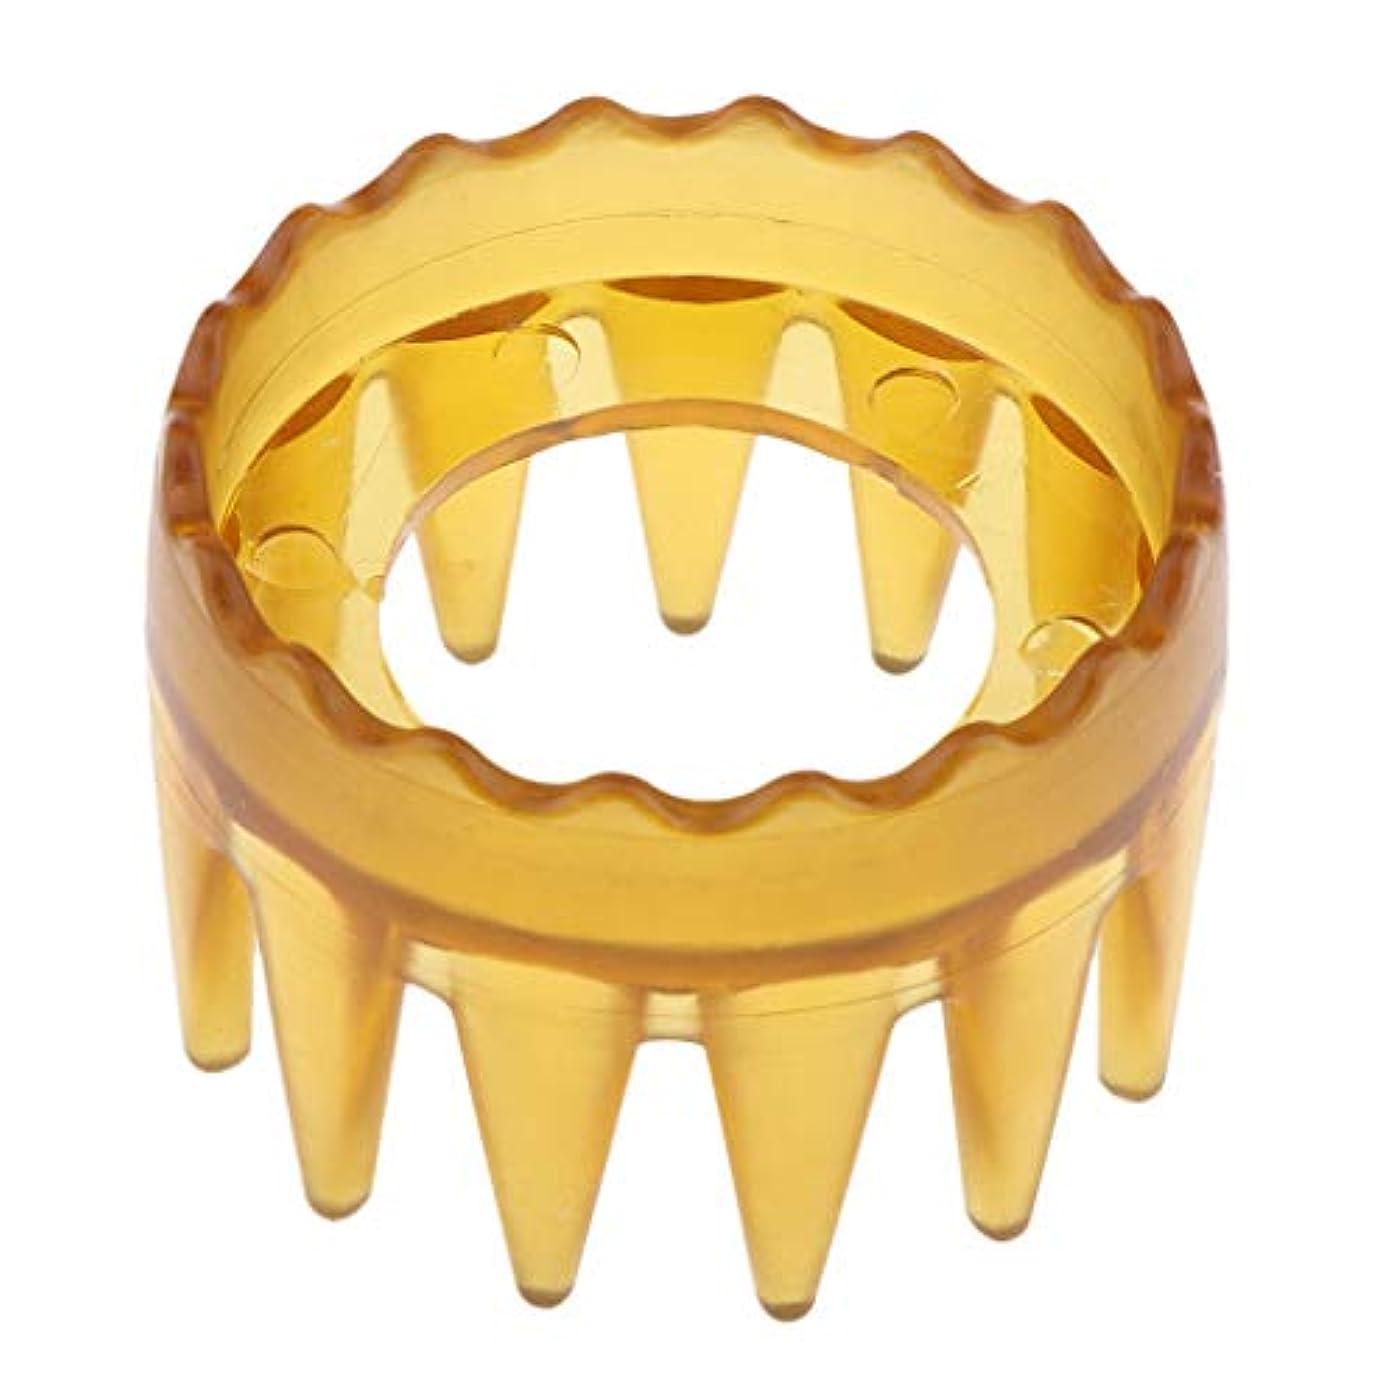 デッド国家クックシャンプーブラシ 洗髪櫛 マッサージャー ヘアコーム ヘアブラシ プラスチック製 全4色 - 黄